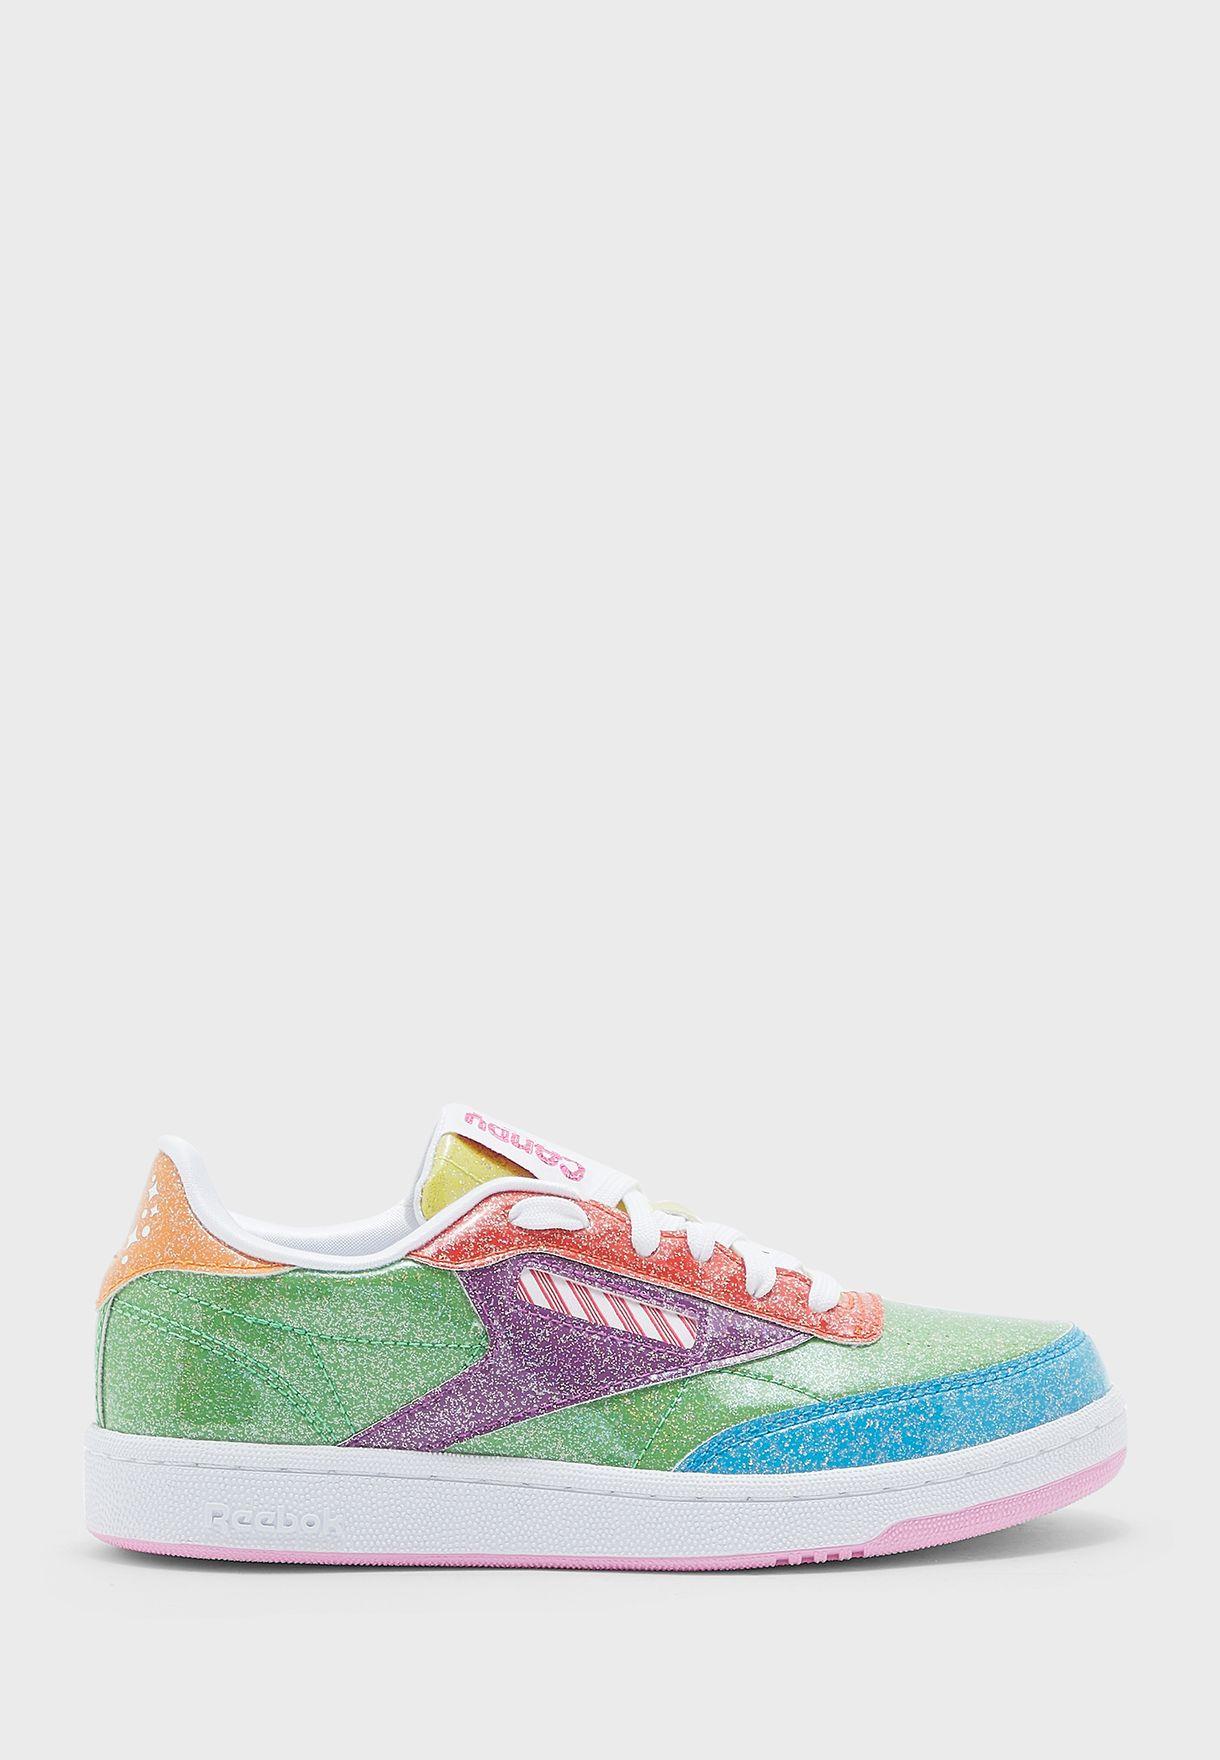 حذاء من مجموعة ريبوك كاندي لاند